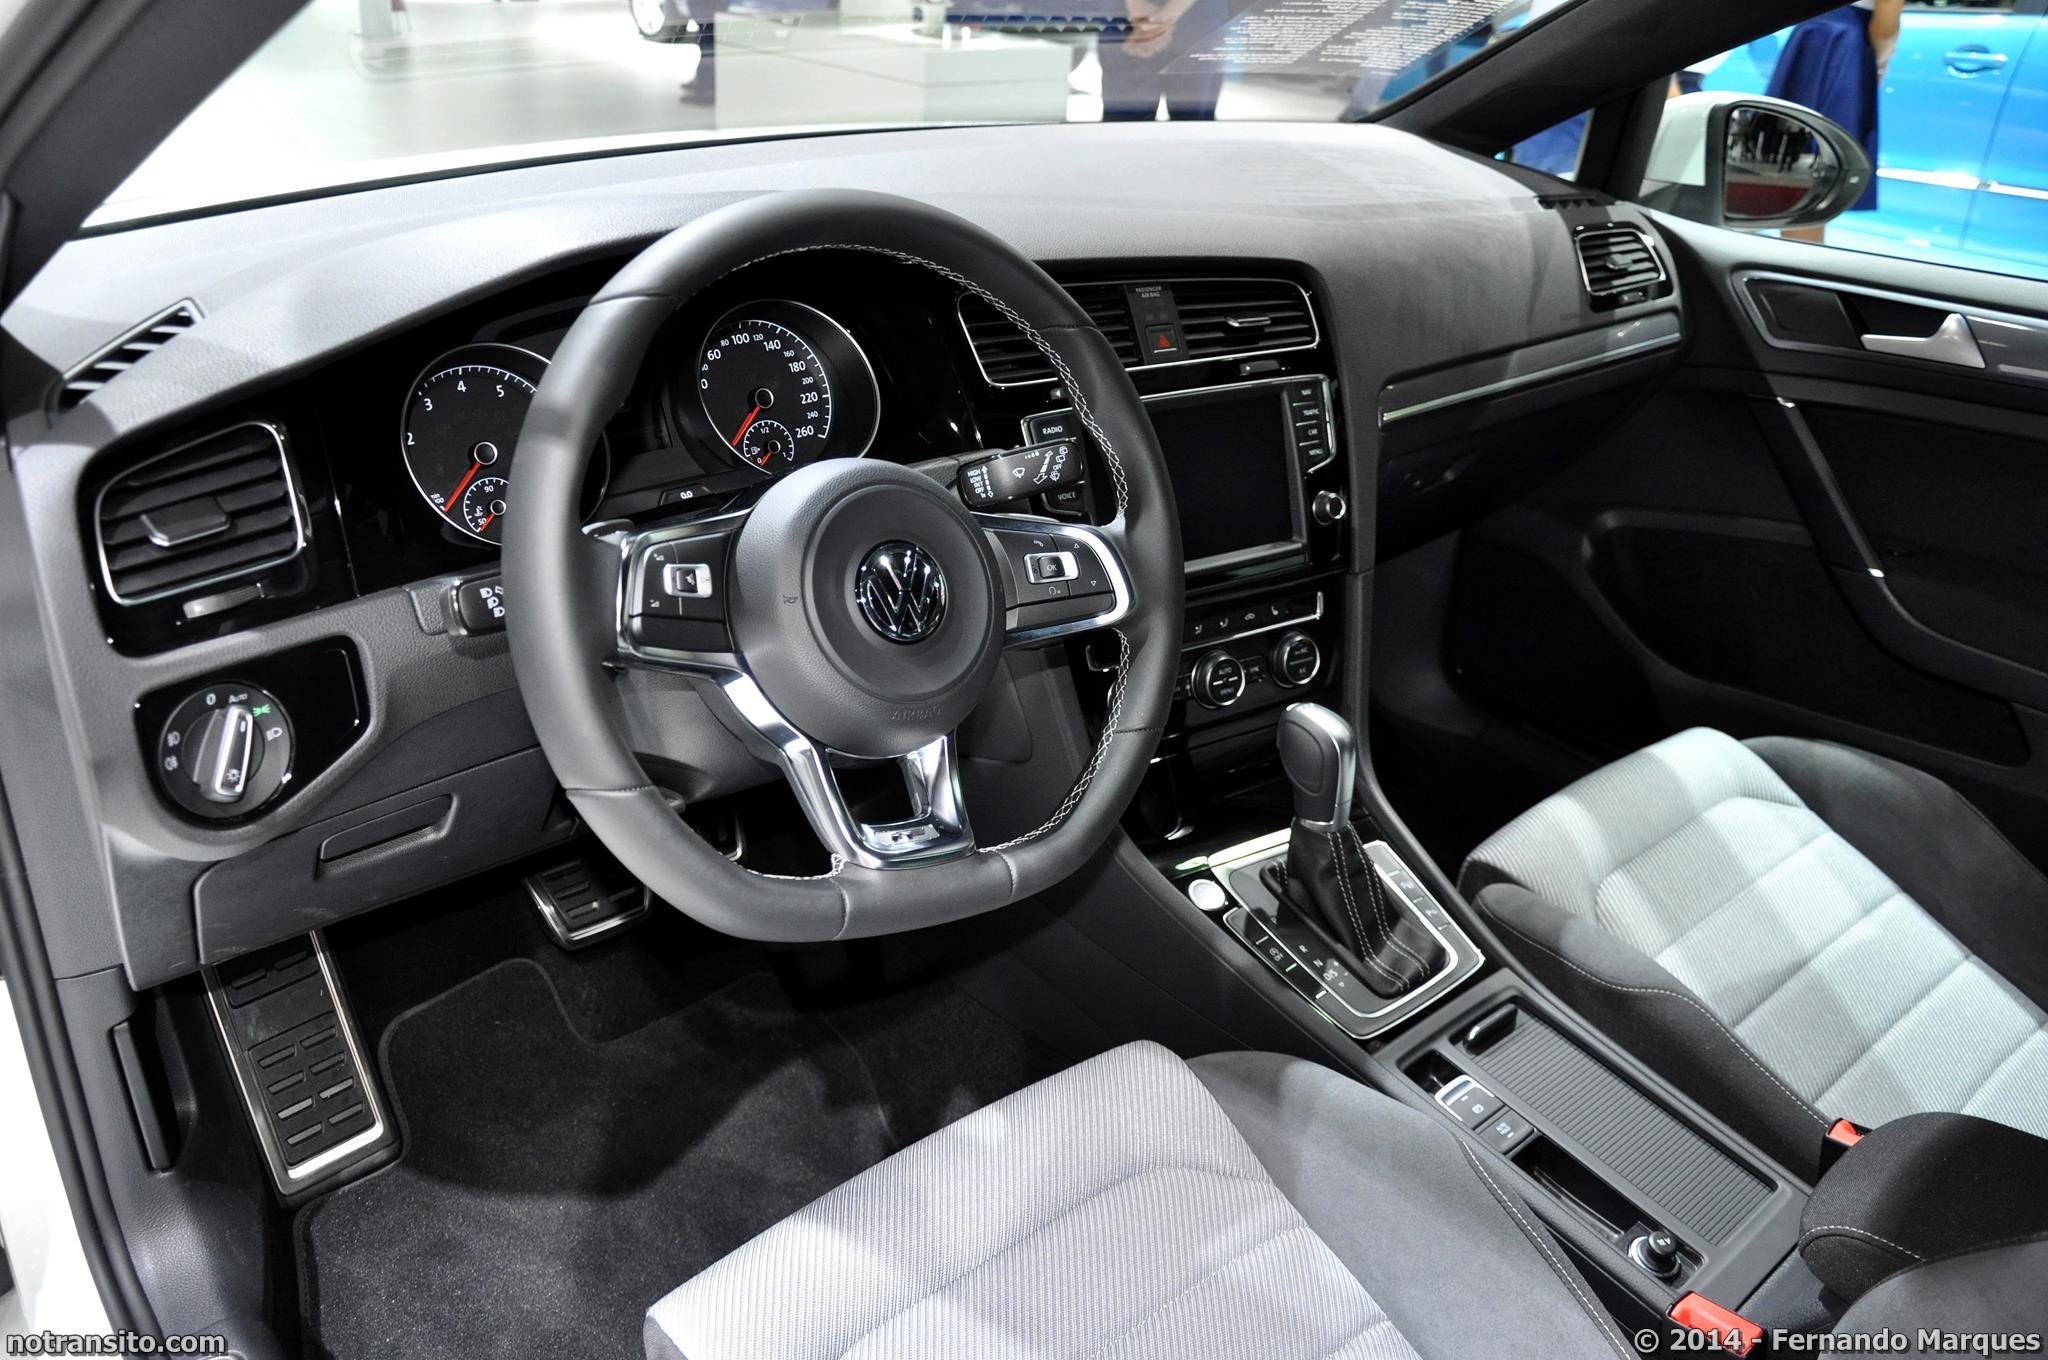 Salão do Automóvel de São Paulo 2014, 28º Salão do Automóvel de São Paulo, Volkswagen Golf Variant R-Line